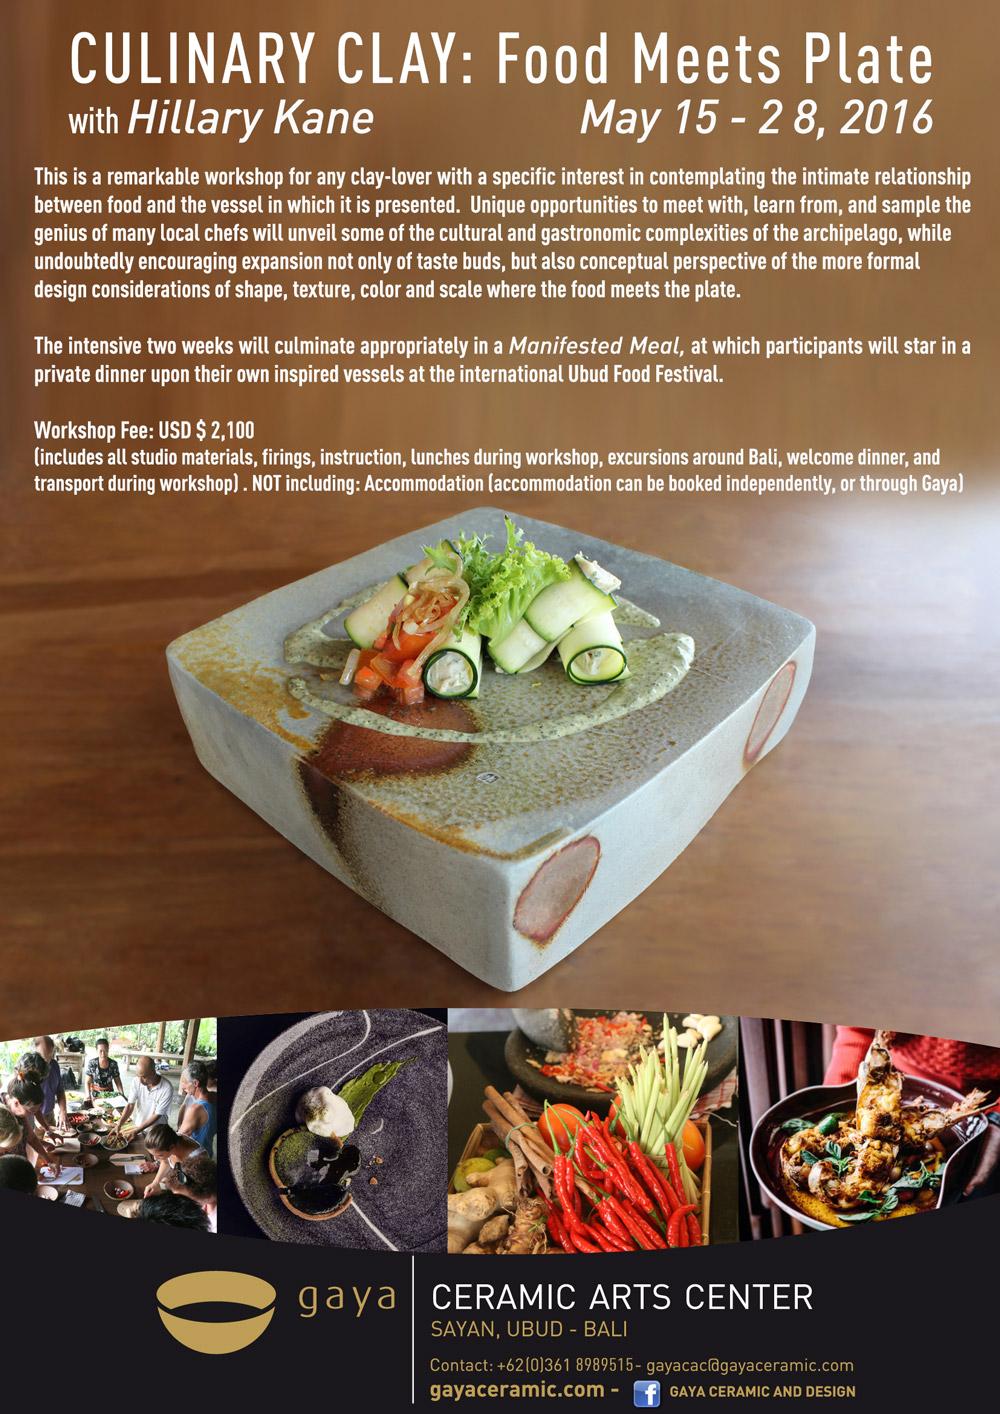 2016-05-HK-Food-Meets-Plate.jpg